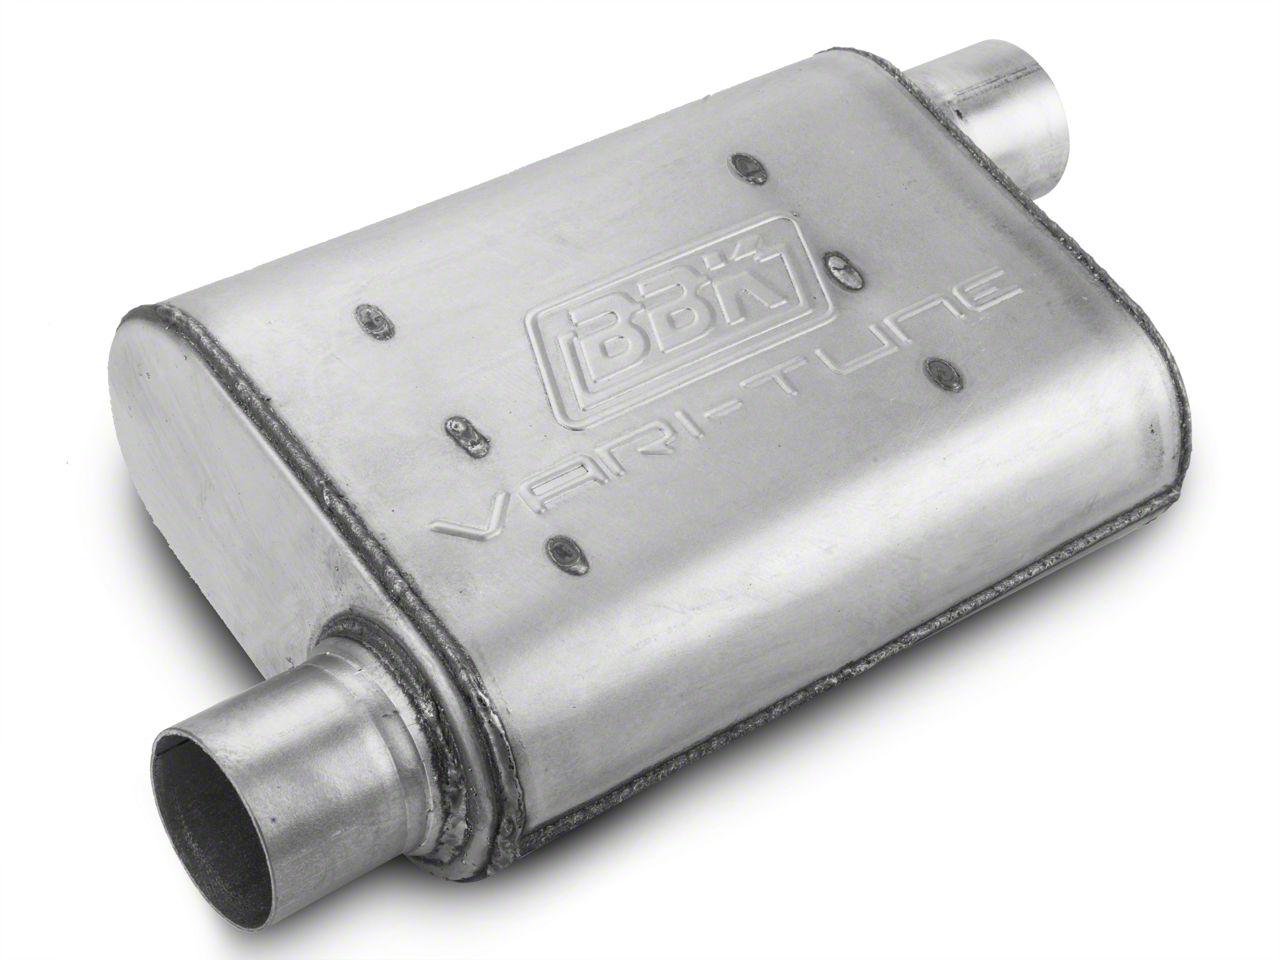 BBK Aluminized Varitune Offset/Offset Oval Muffler - 2.5 in. (Universal Fitment)